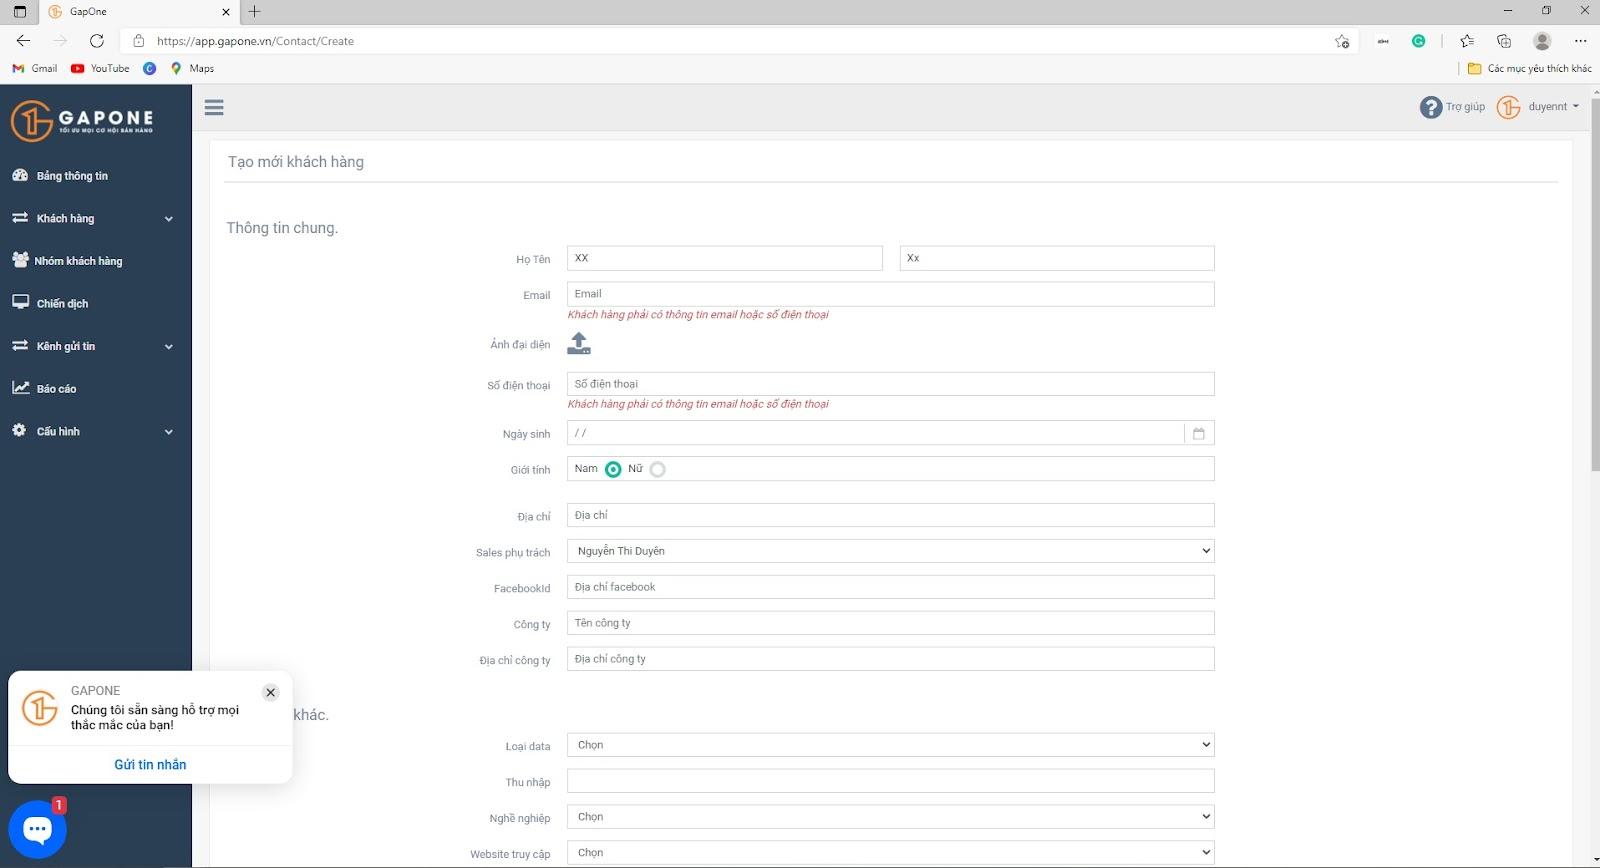 Hướng dẫn thêm từng cá thể khách hàng trên GAPONE 03